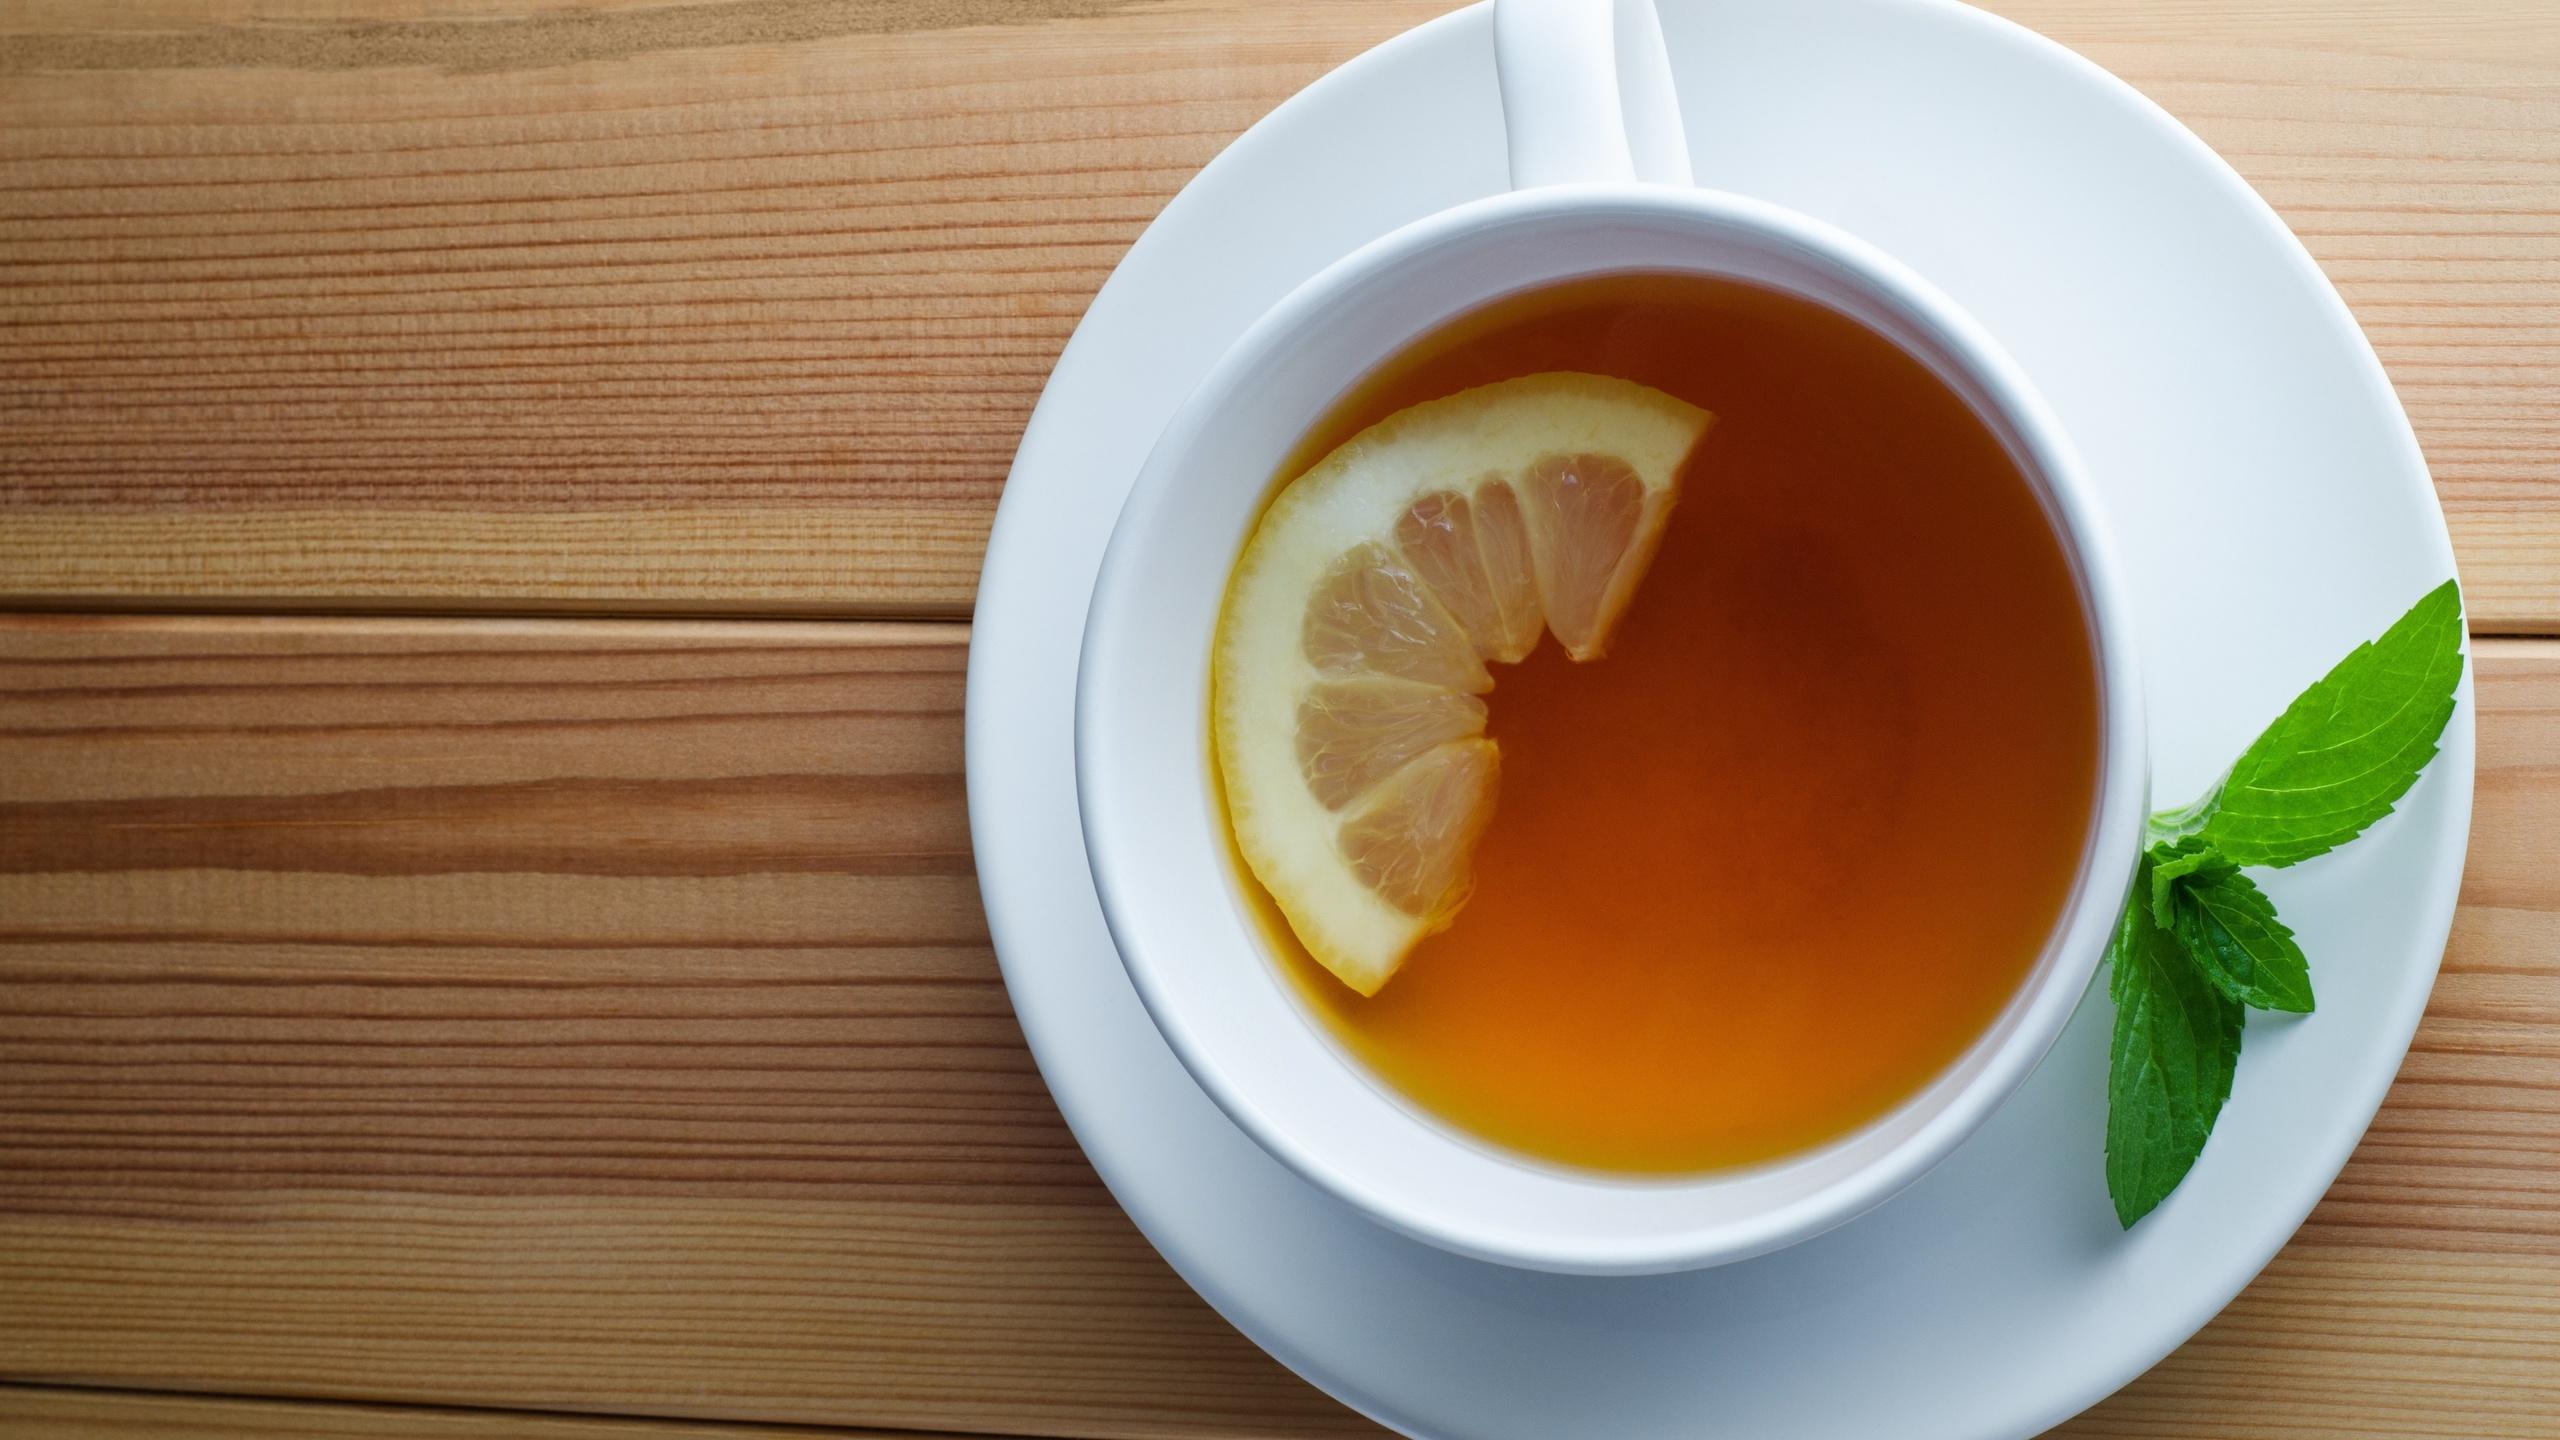 ресторане паруса чай с лимоном очень красивые фото любительского